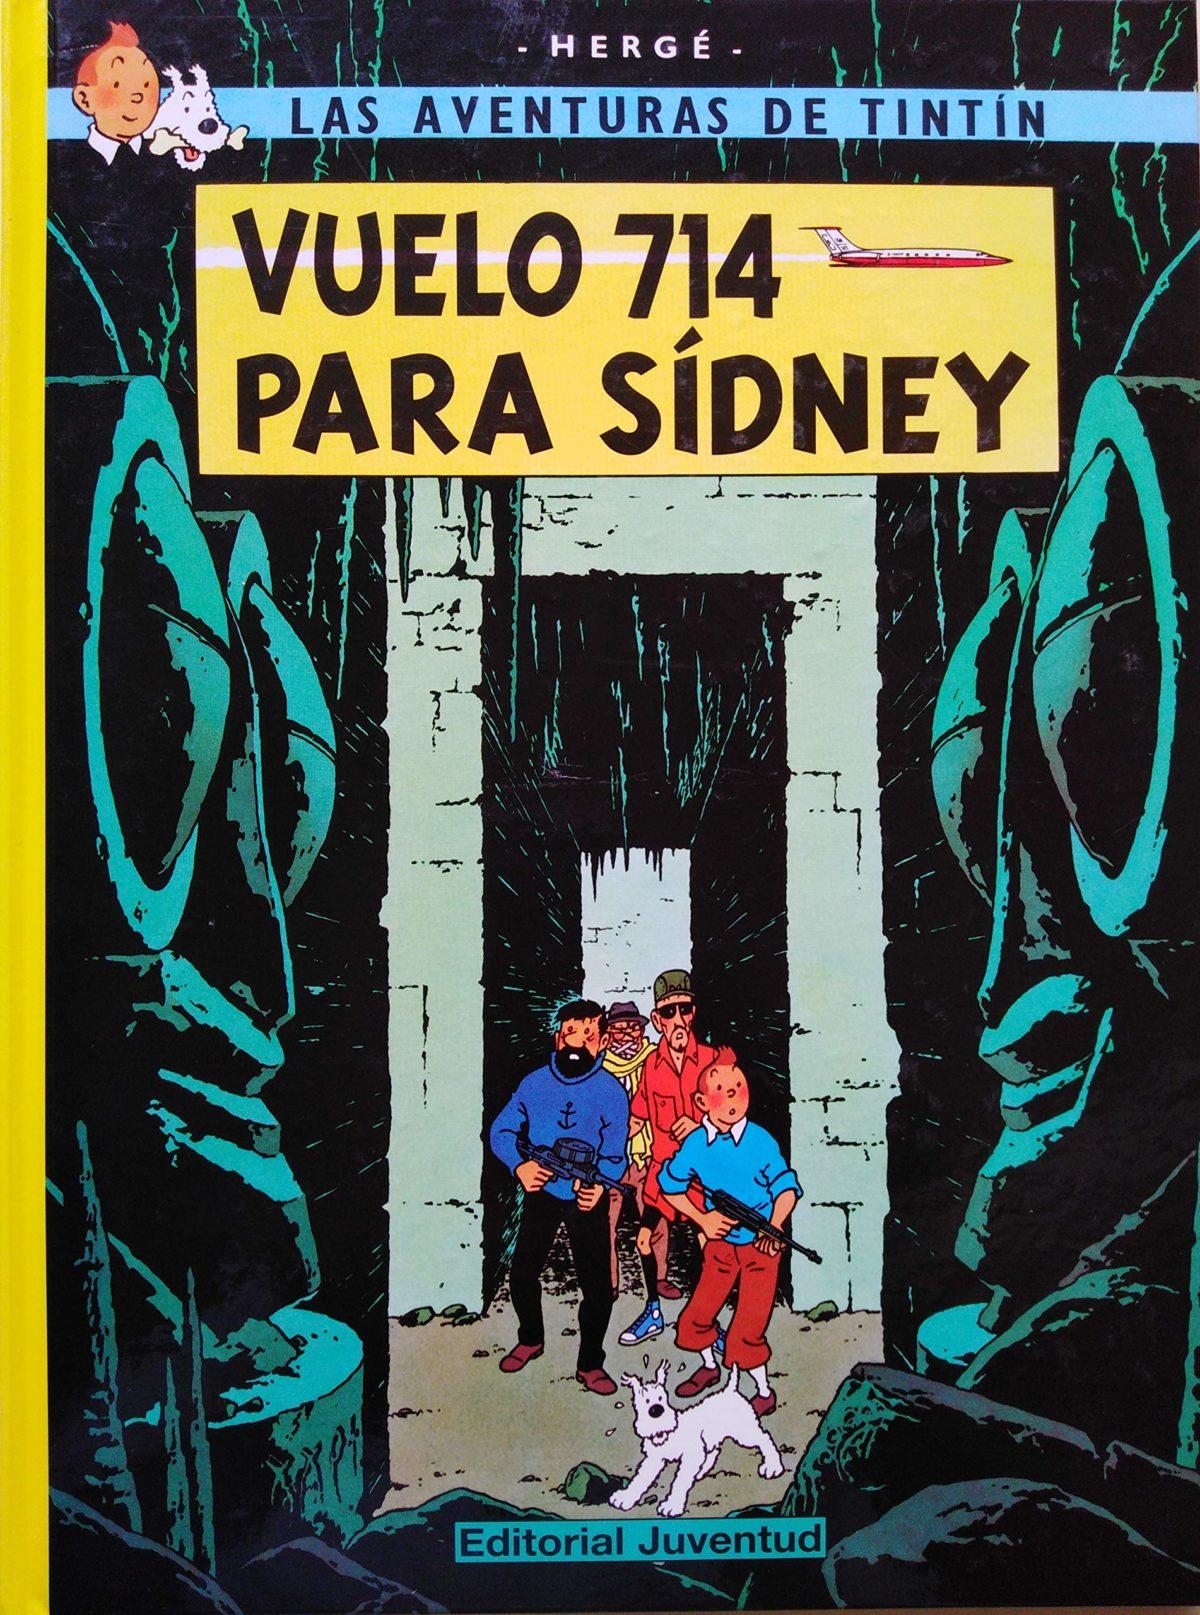 Vuelo 714 para Sidney  - Las Aventuras de Tintín (Cartoné)